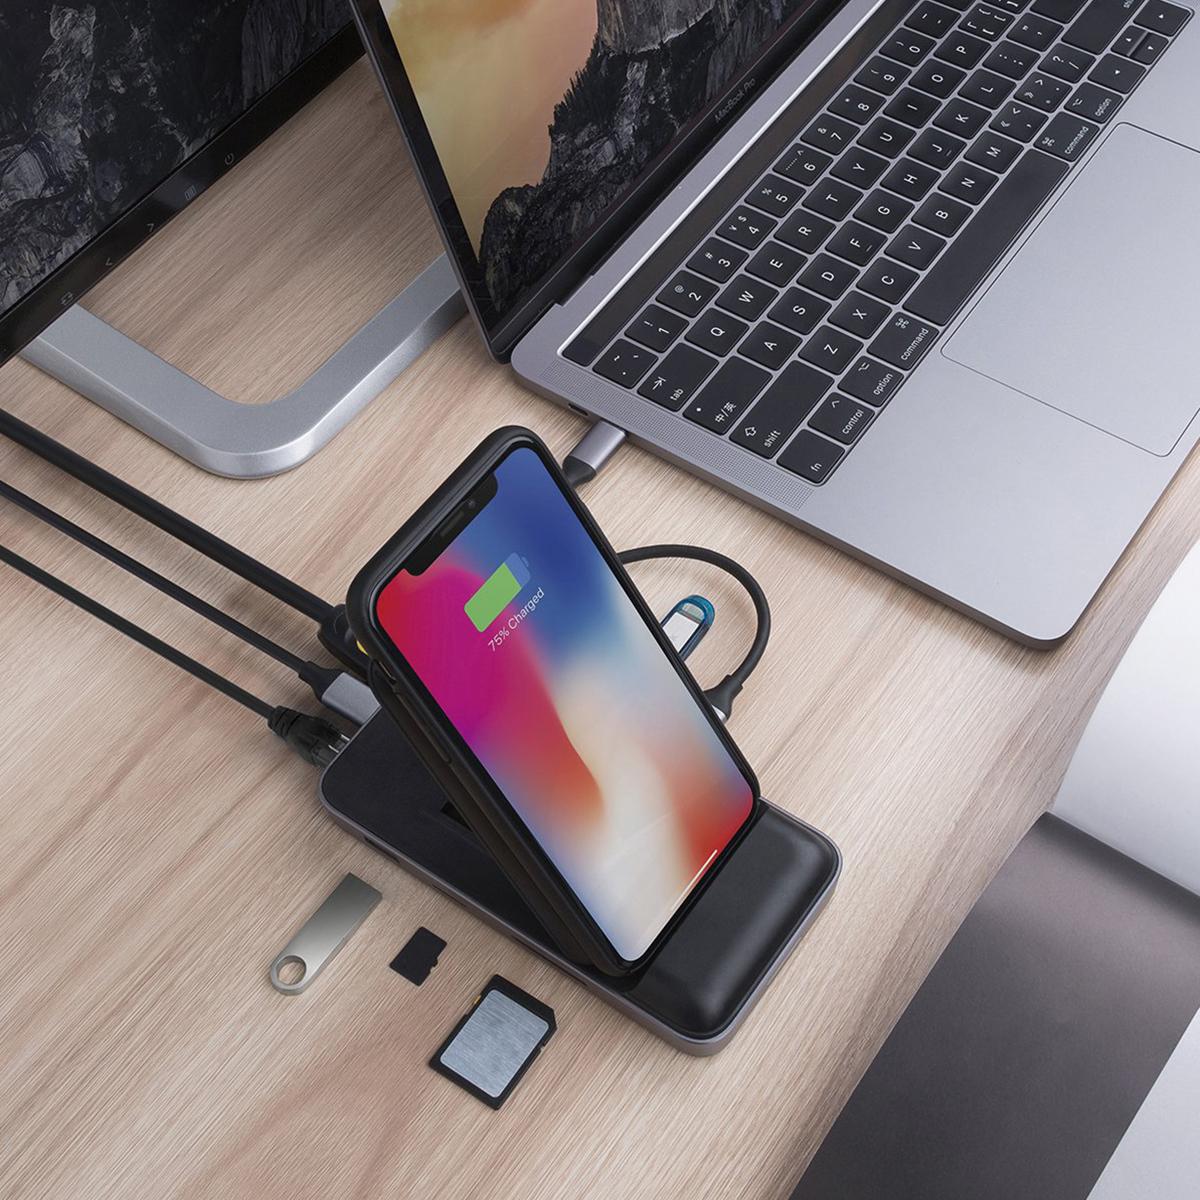 本体にある8つのポートを、多くのパソコンに内蔵されているType-Cケーブル1本にまとめることで、デクスまわりをすっきり整理することができる「8in1 USB-Cハブ+ワイヤレス充電器」|Hyper Drive